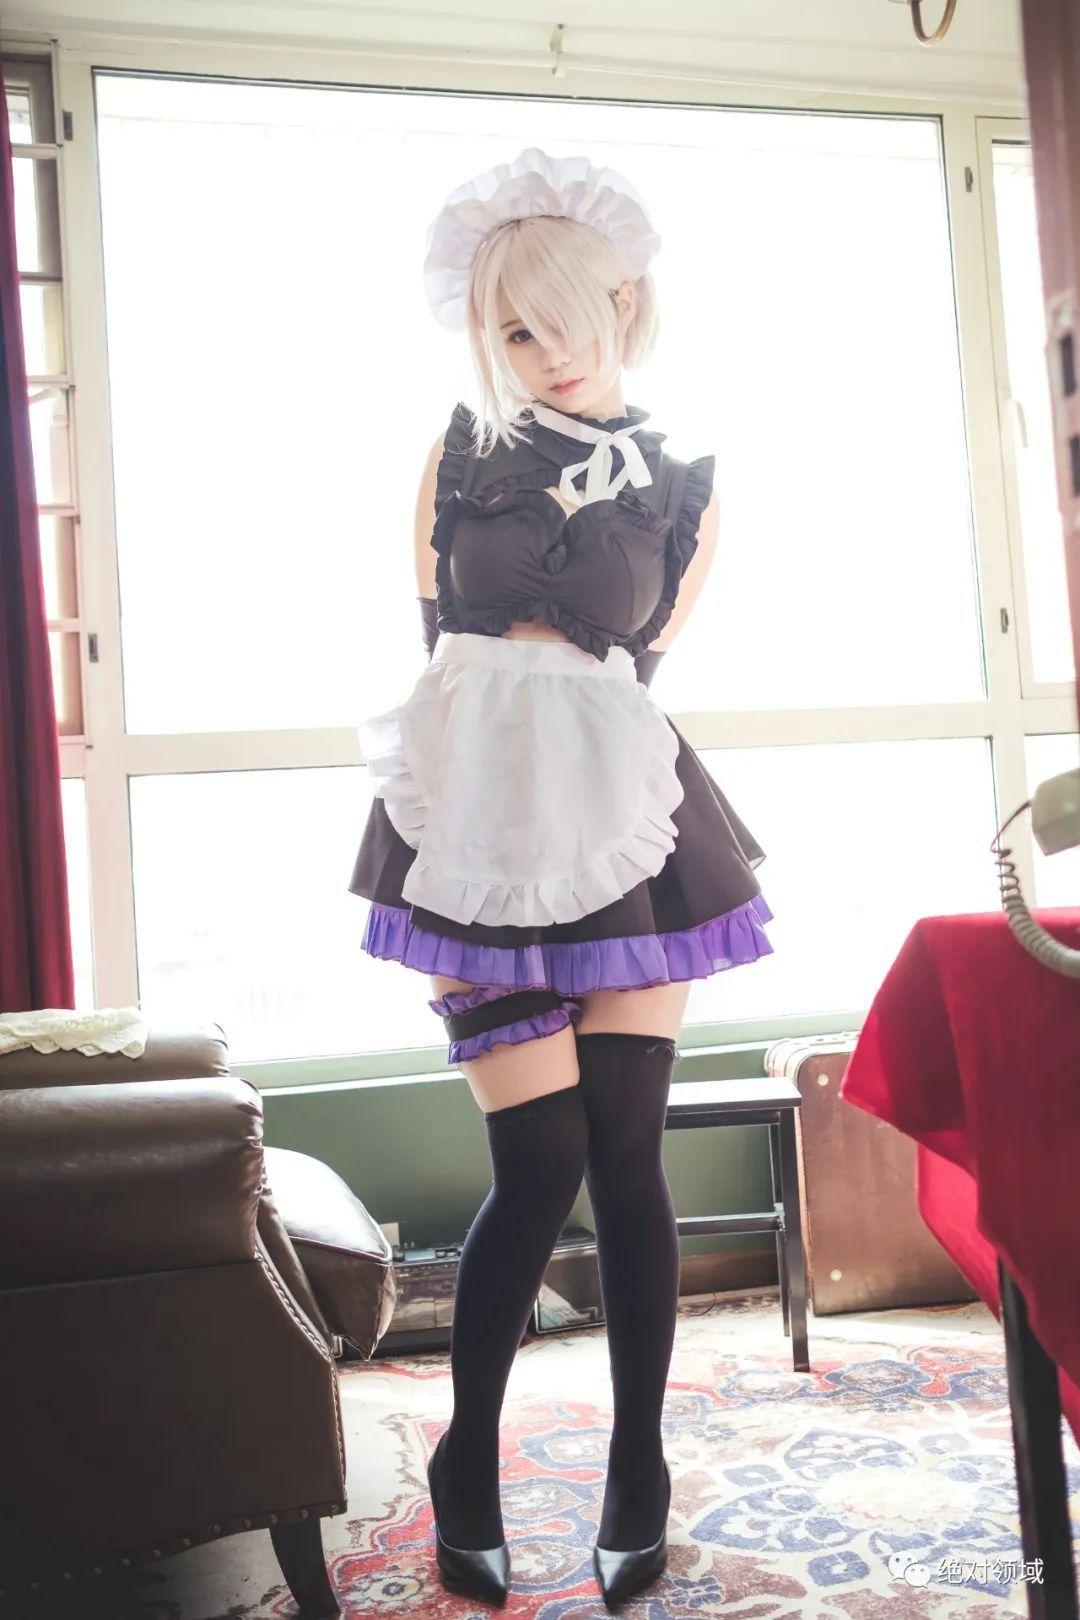 妹子摄影 – 黑丝高跟鞋女仆装,冷艳小姐姐绝对领域又白又刺激_图片 No.1